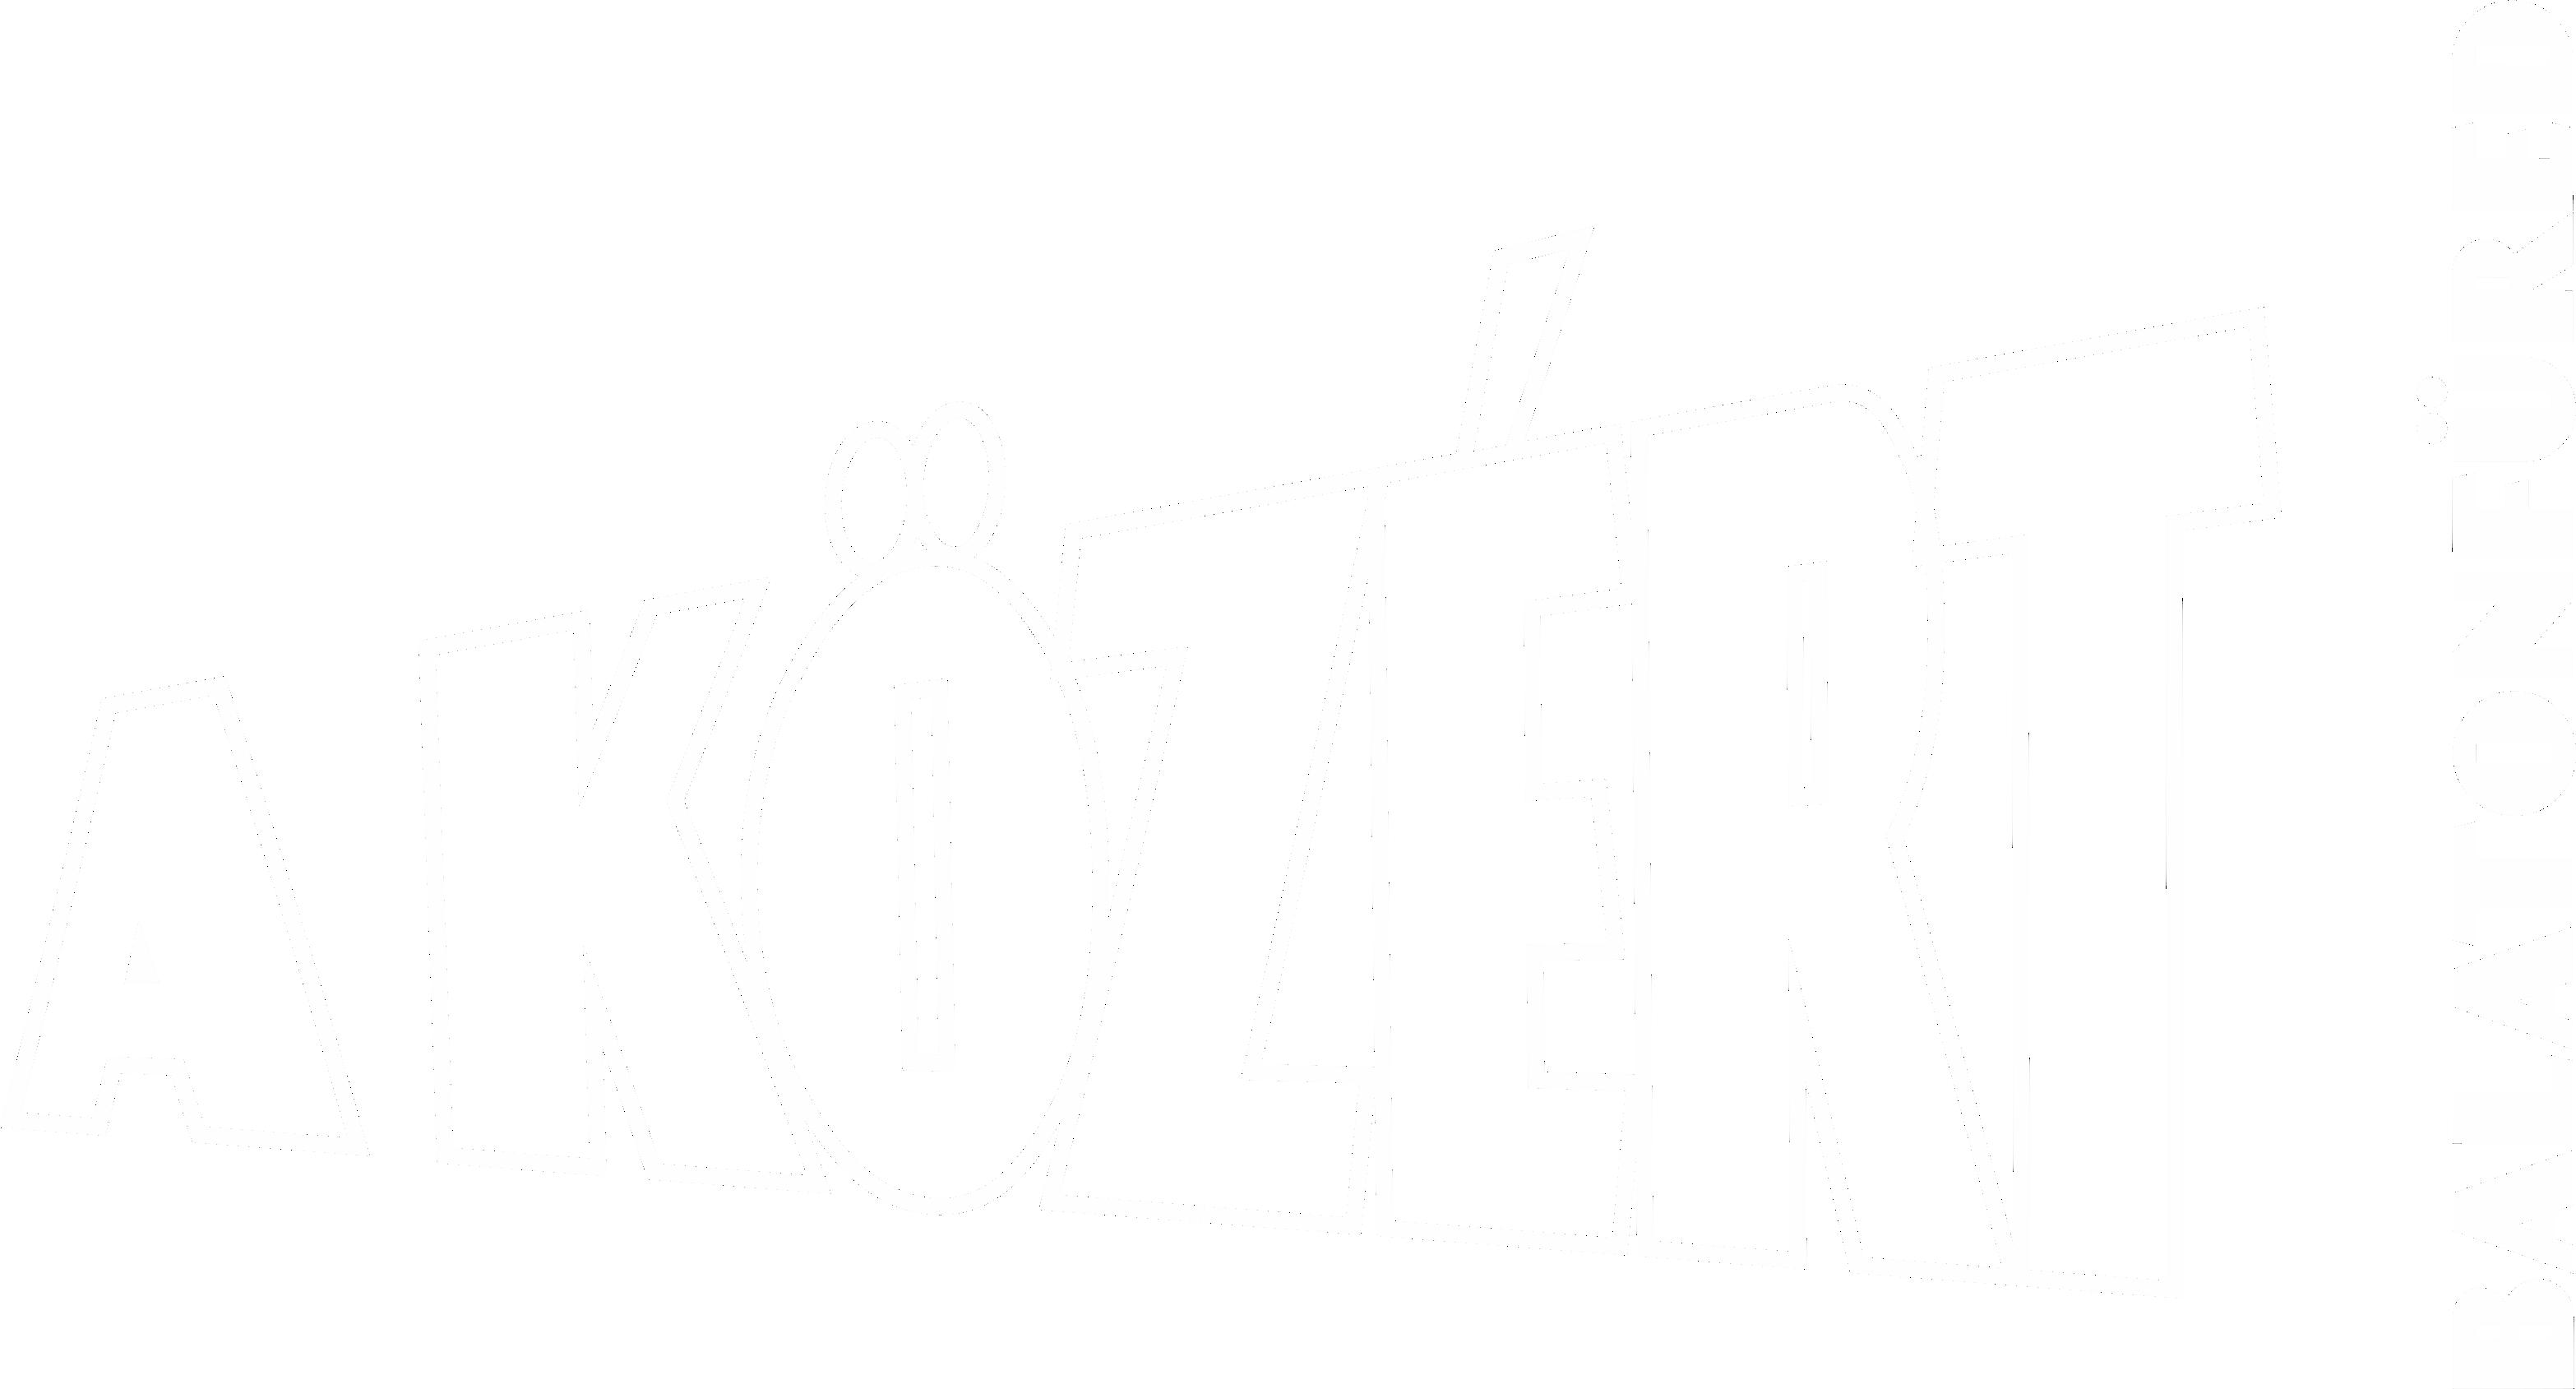 kozert-ff